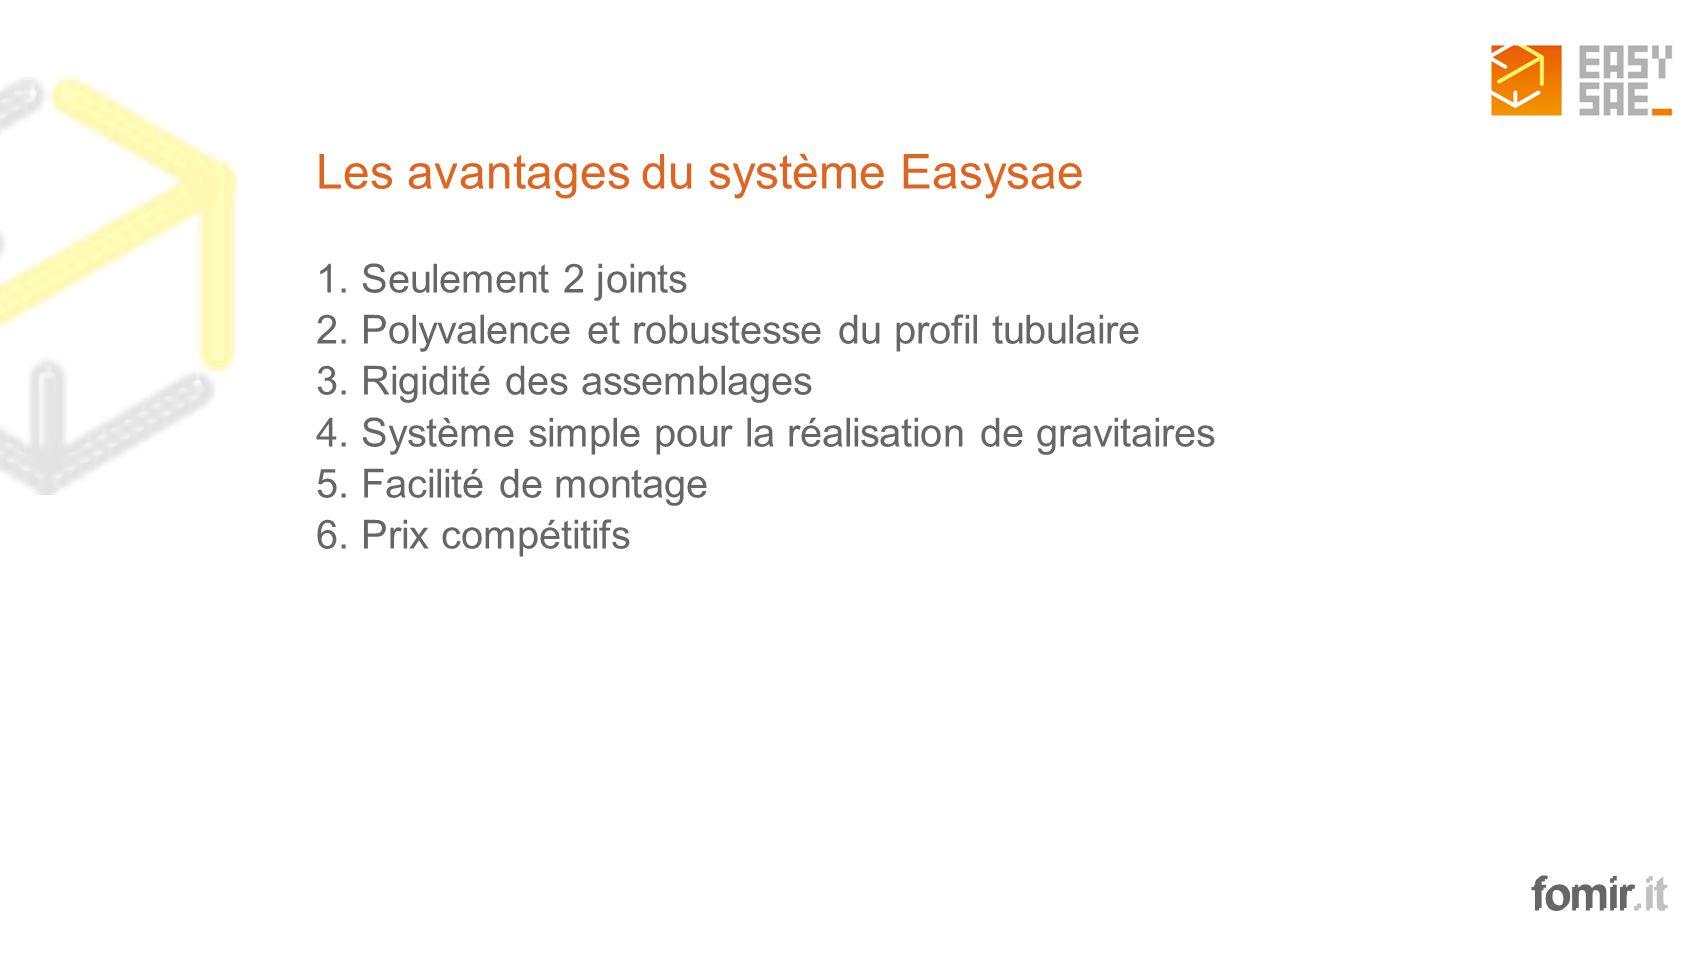 fomir.it Les avantages du système Easysae 1. Seulement 2 joints 2. Polyvalence et robustesse du profil tubulaire 3. Rigidité des assemblages 4. Systèm